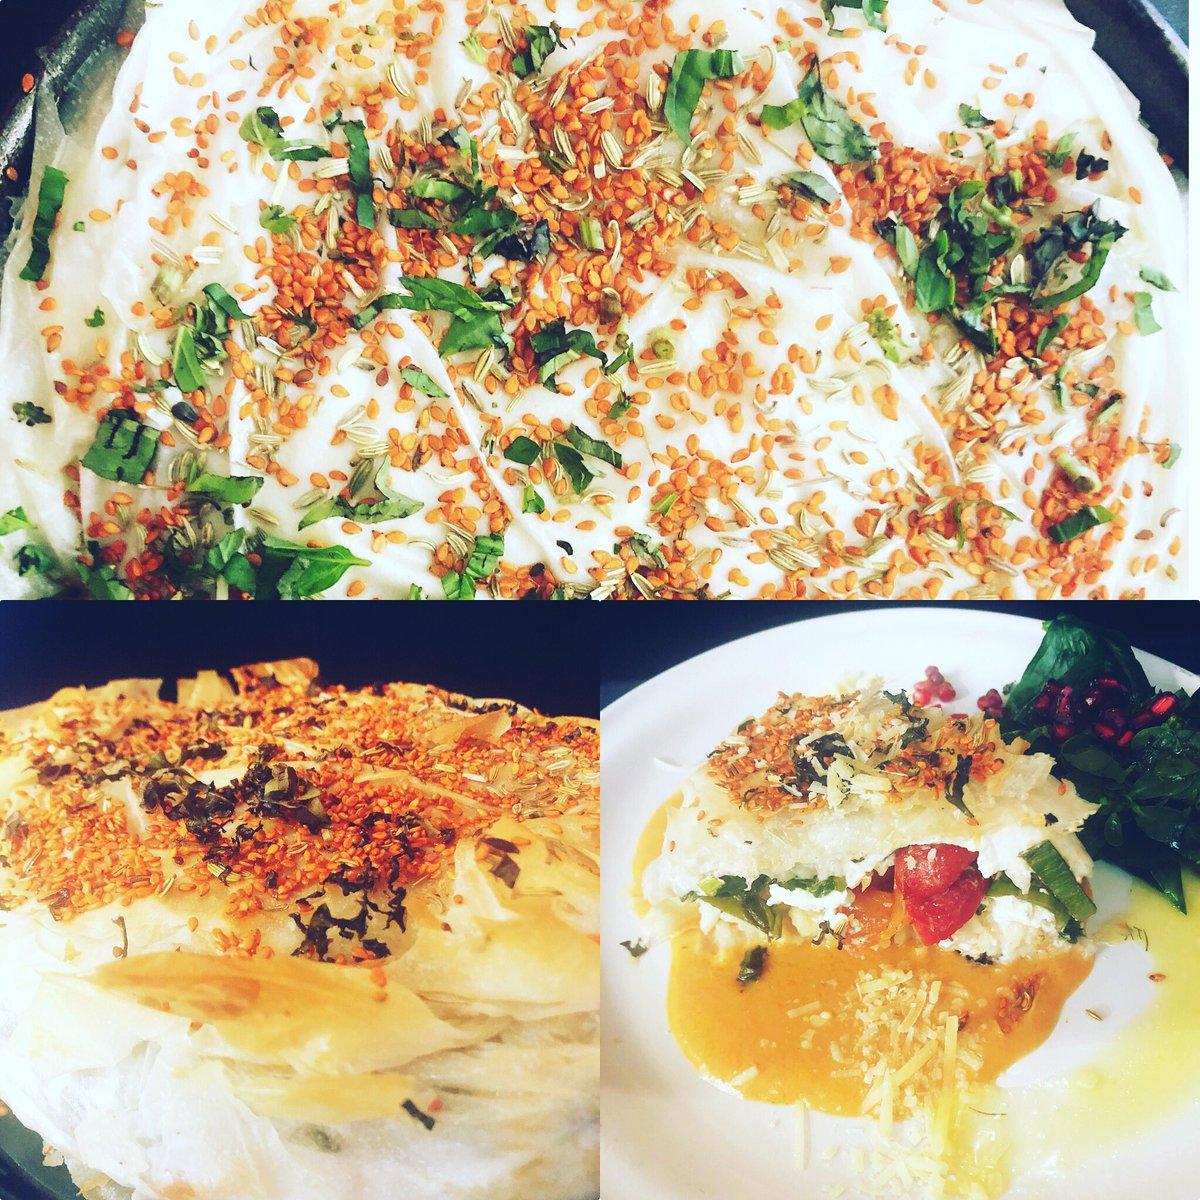 Salen y Salen platos con el especial del día! Tarta de Risotto. Deliciosa.Te esperamos. ESTAMOS ABIERTOS.  Contamos con servicio a domicilio. Llama al 5556881082 o al 5556057218 o al WhatsApp 5527243142. 🏍🏠. El menú completo del día abajo en comentarios.👇 https://t.co/YbY4fYUjpy